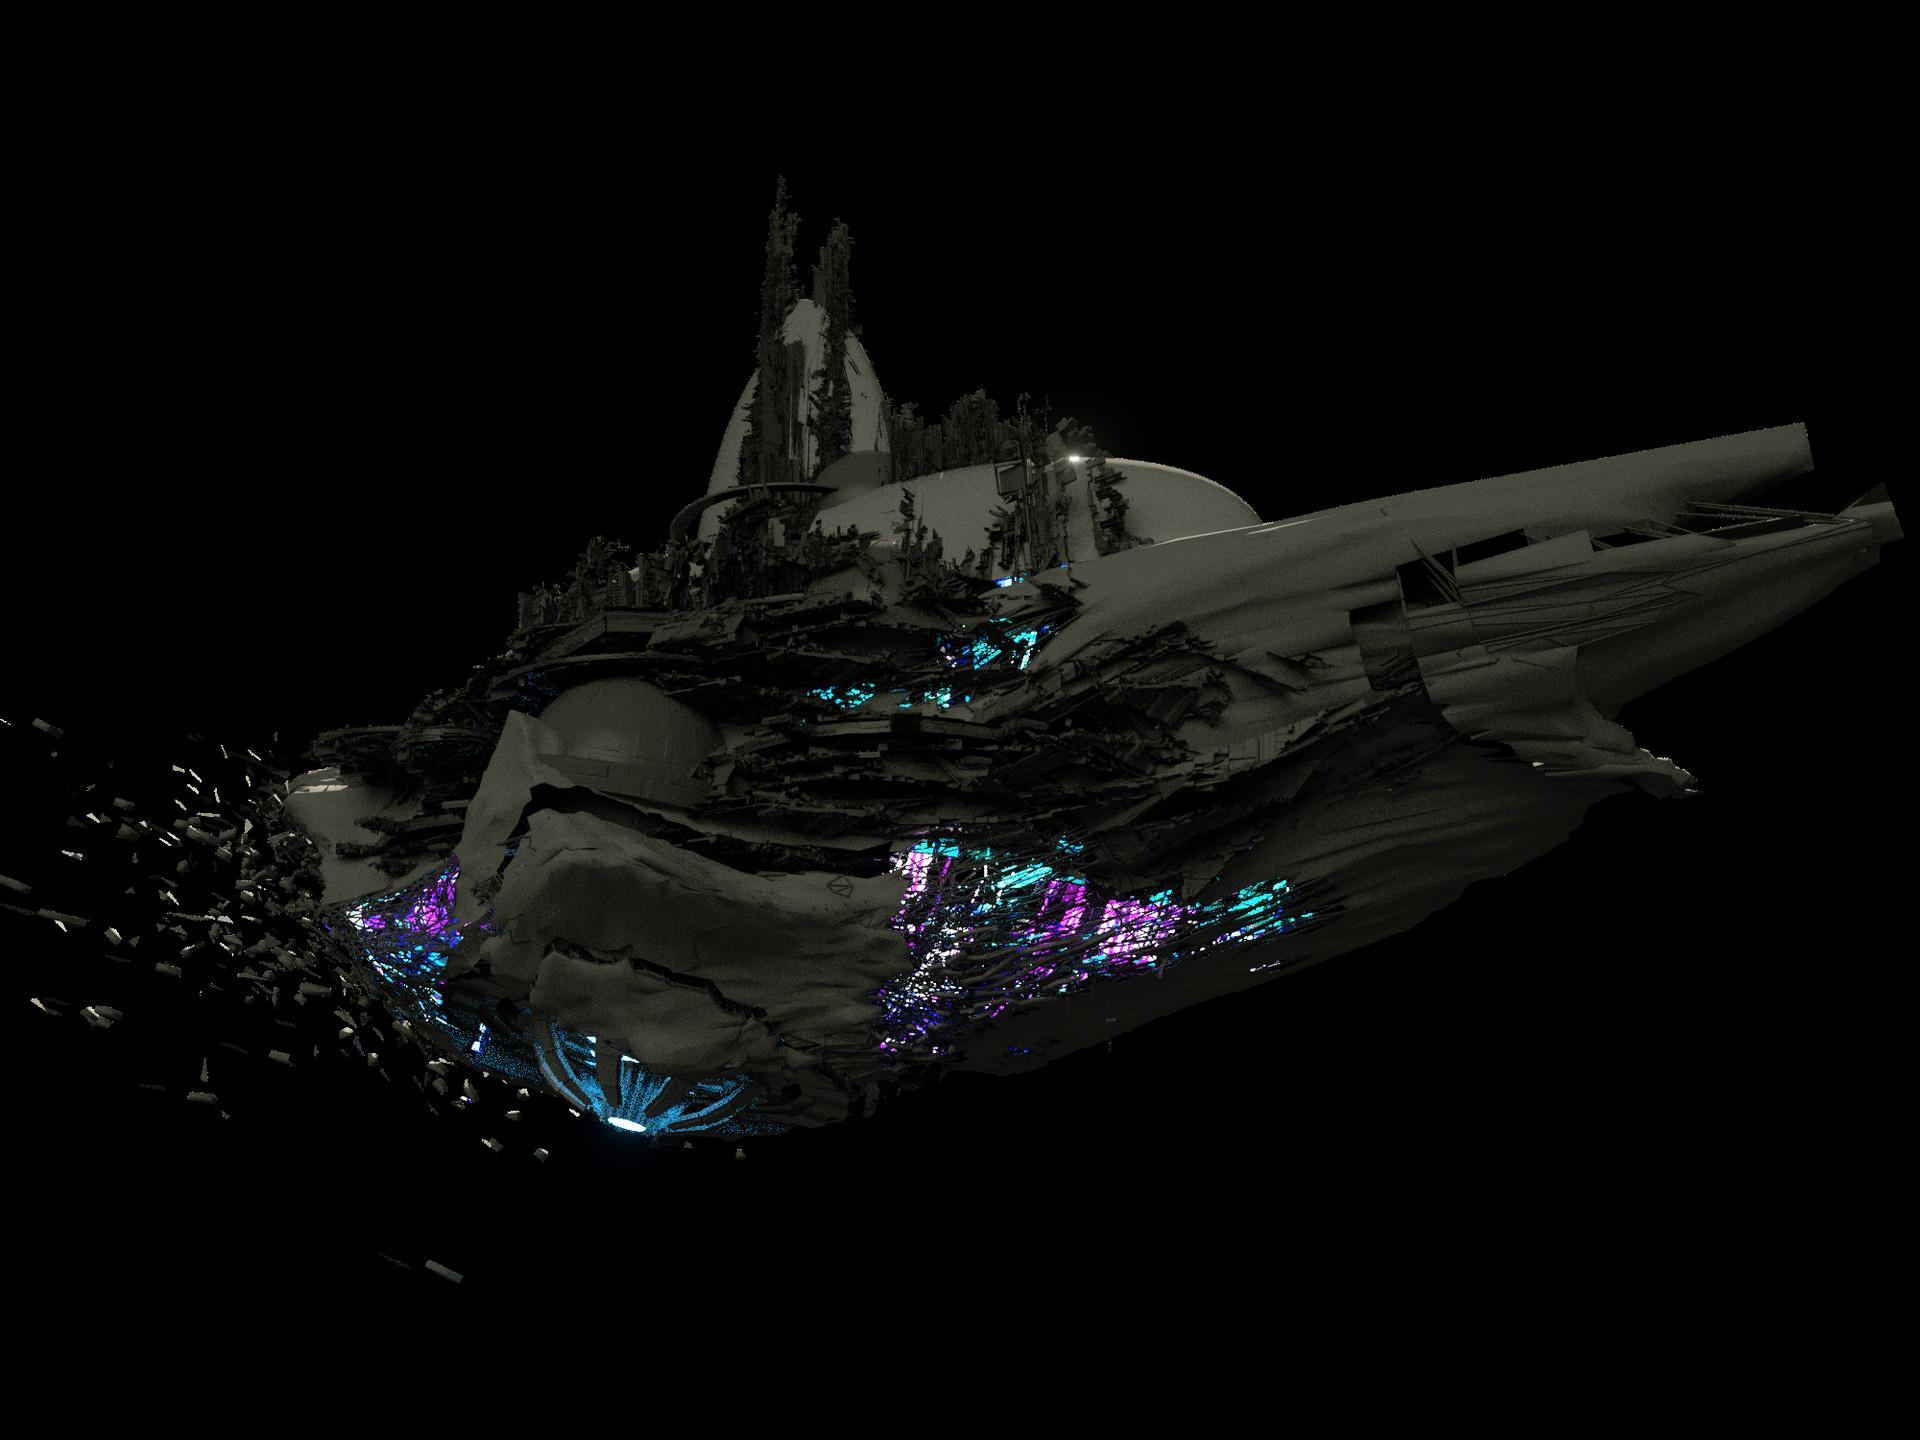 Leon tukker asteroid base